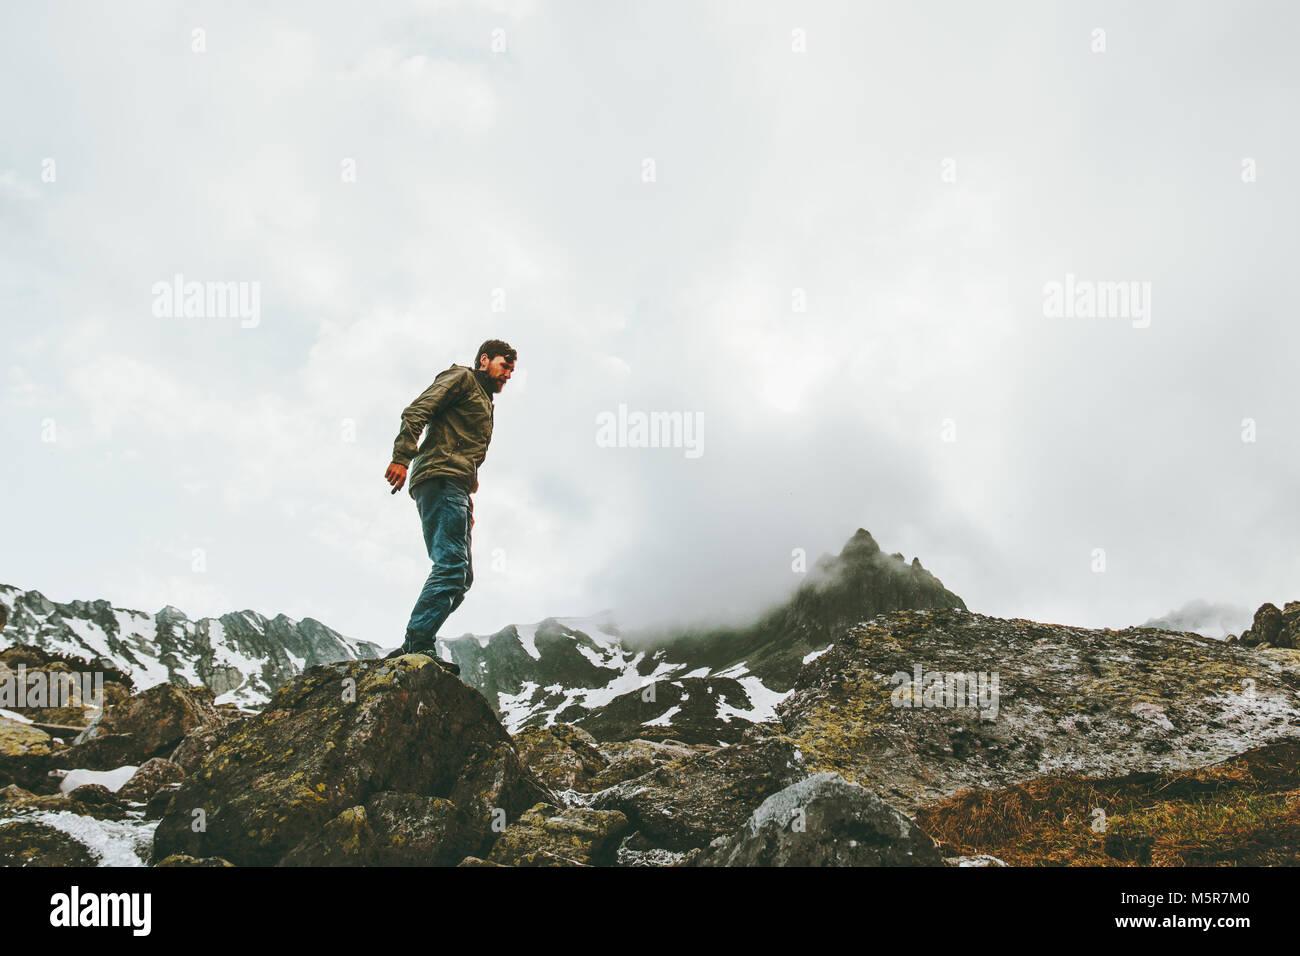 Reisende Mann alleine steht, nebligen Berge Reisen Lifestyle überleben emotionale Konzept Abenteuer aktiv Urlaub Stockbild